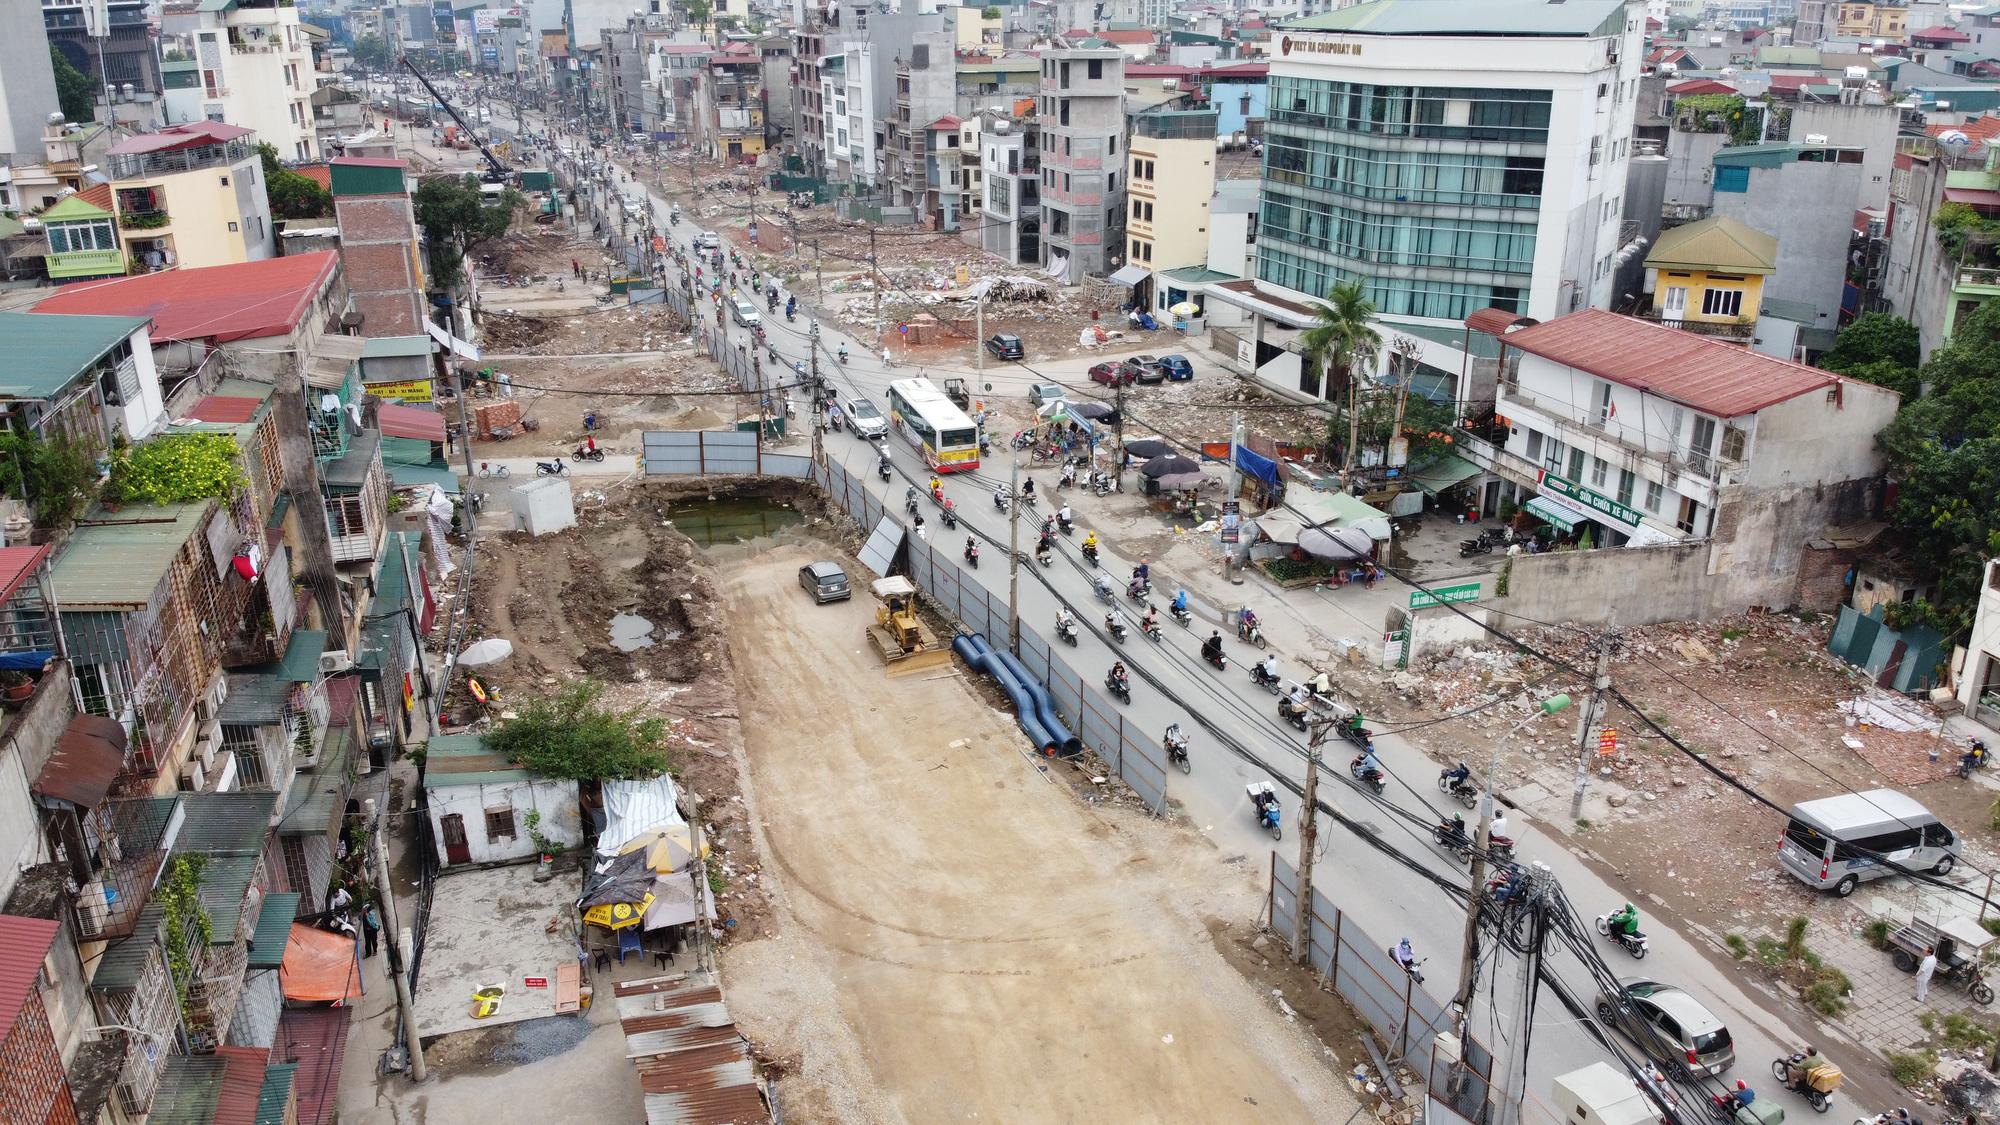 """Đường vành đai 2 mở rộng: Giá đất mặt phố """"leo thang"""" từng ngày - Ảnh 1."""